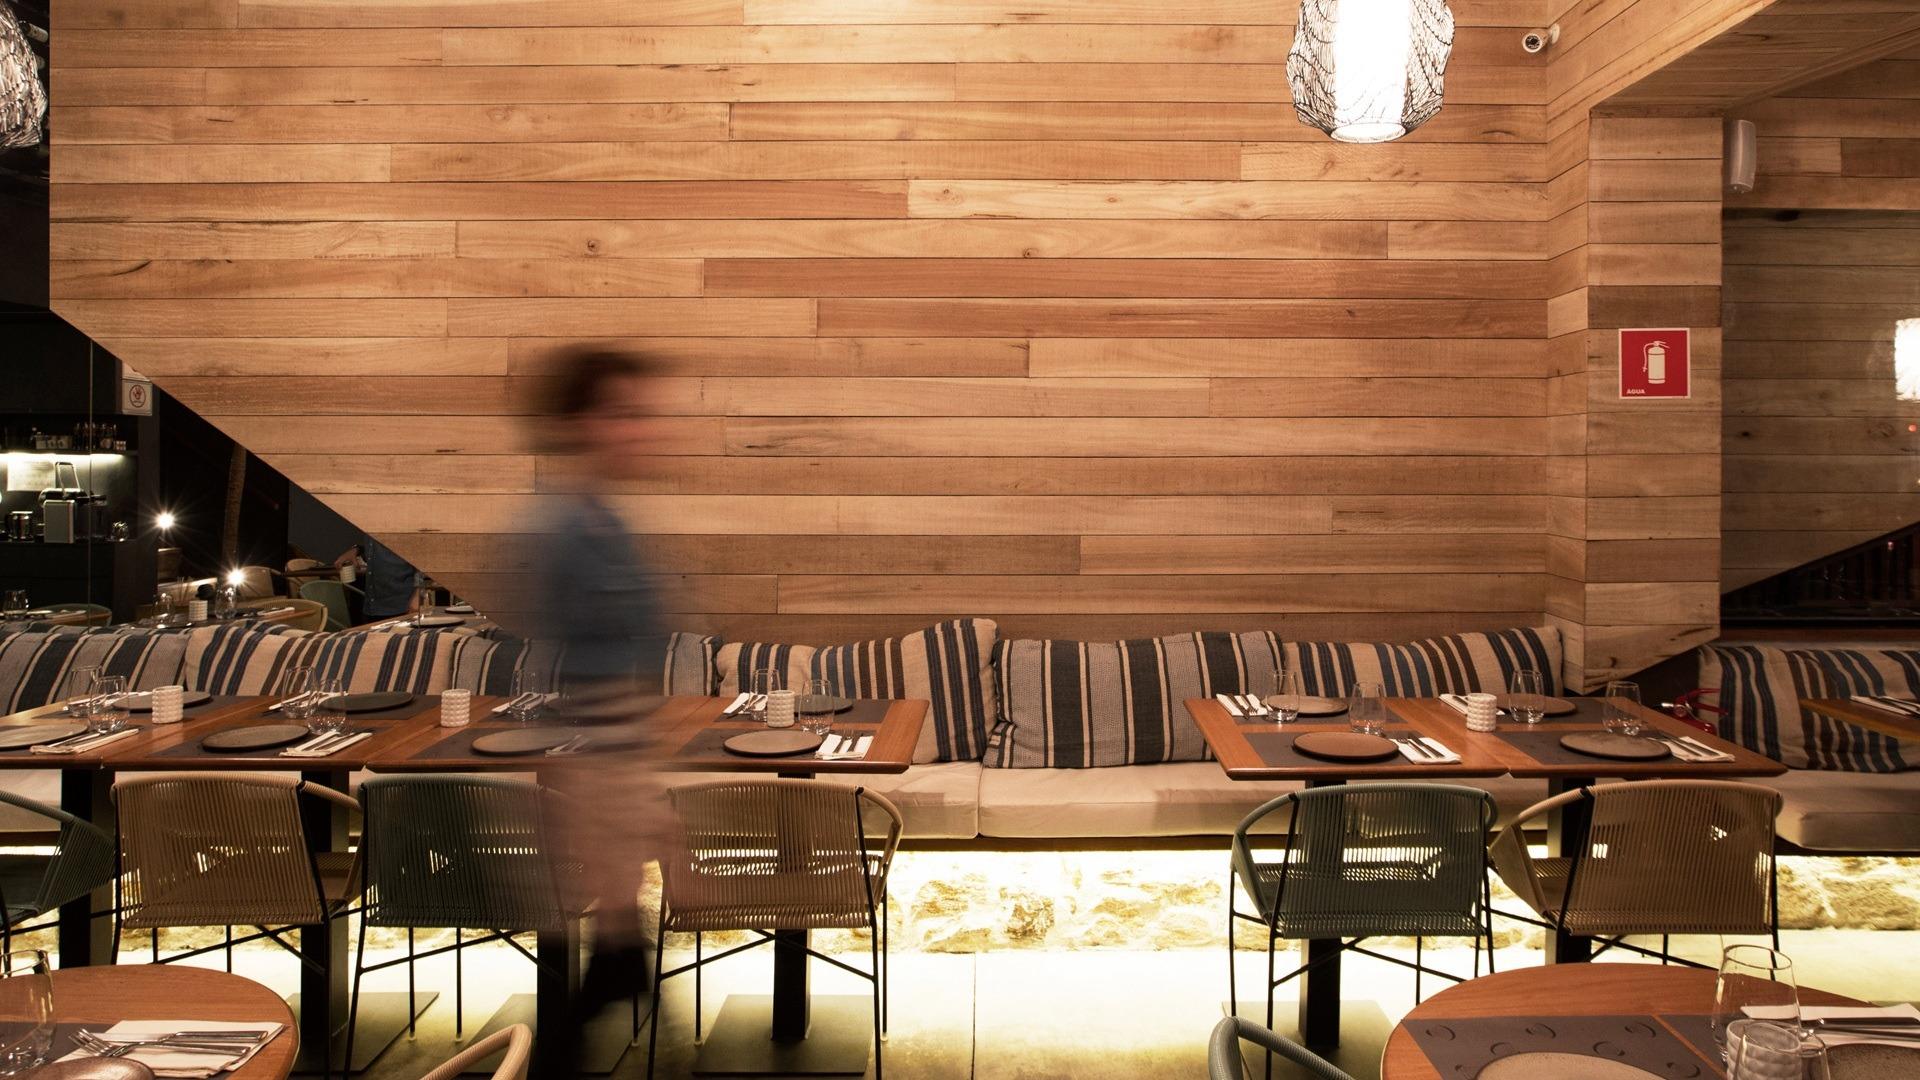 17.restaurante-tanit-interna-noturna-22